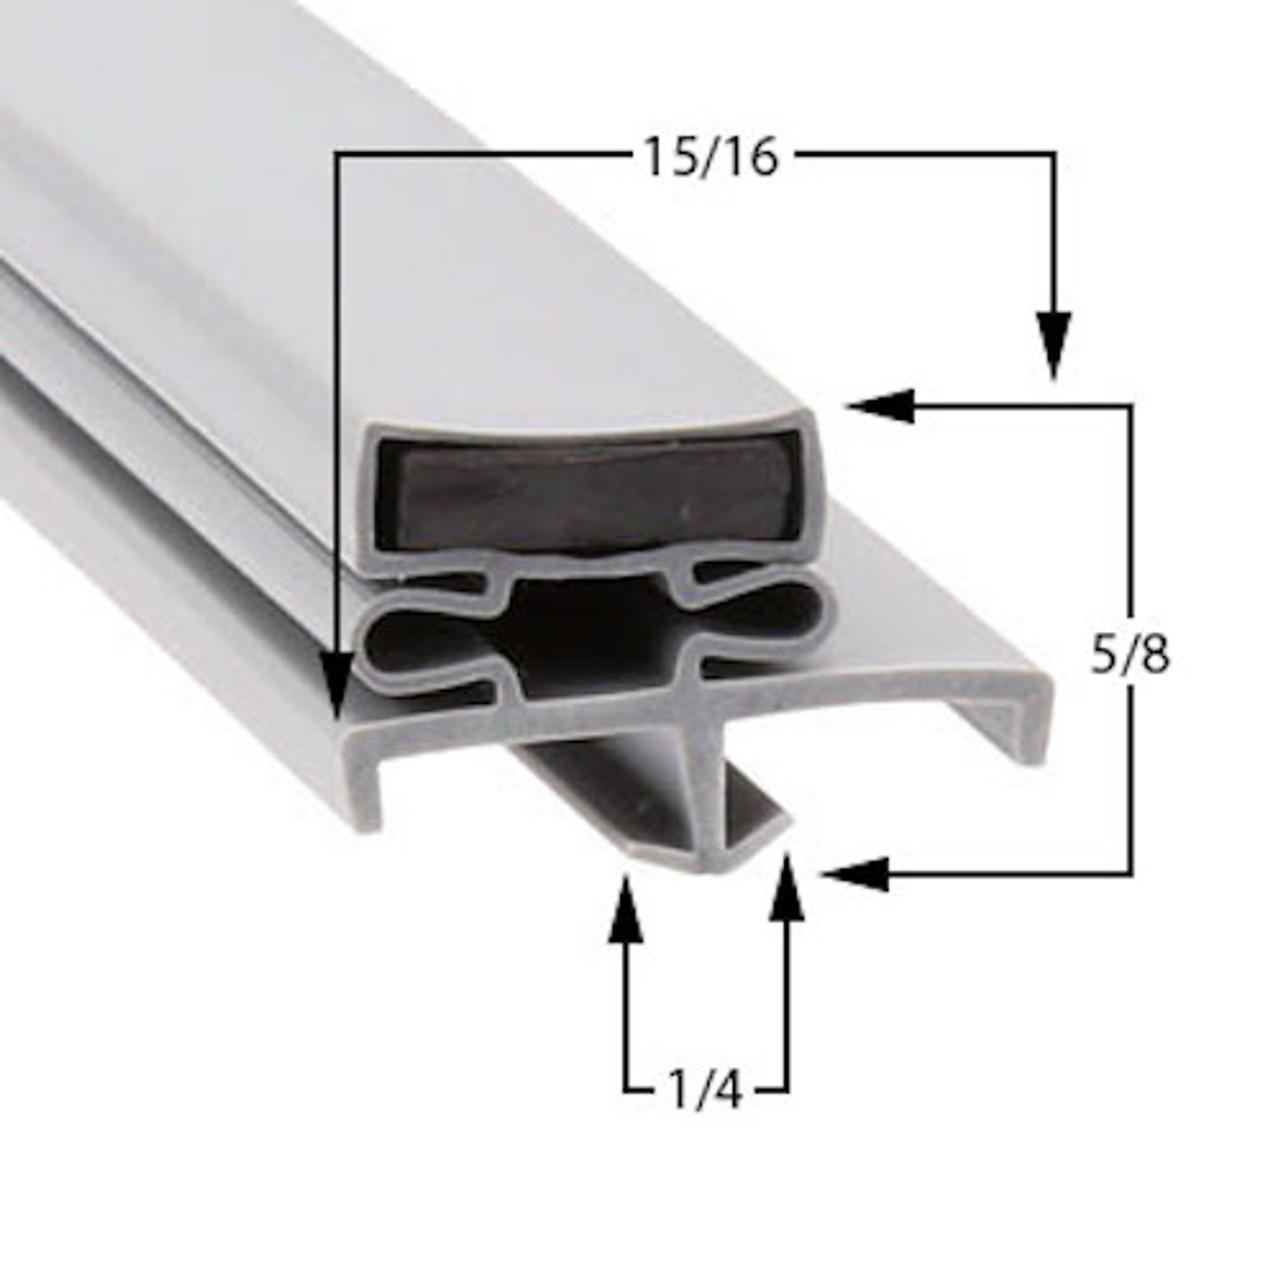 American Panel Door Gasket Profile  168 36 1/2 x 76 1/4 -2